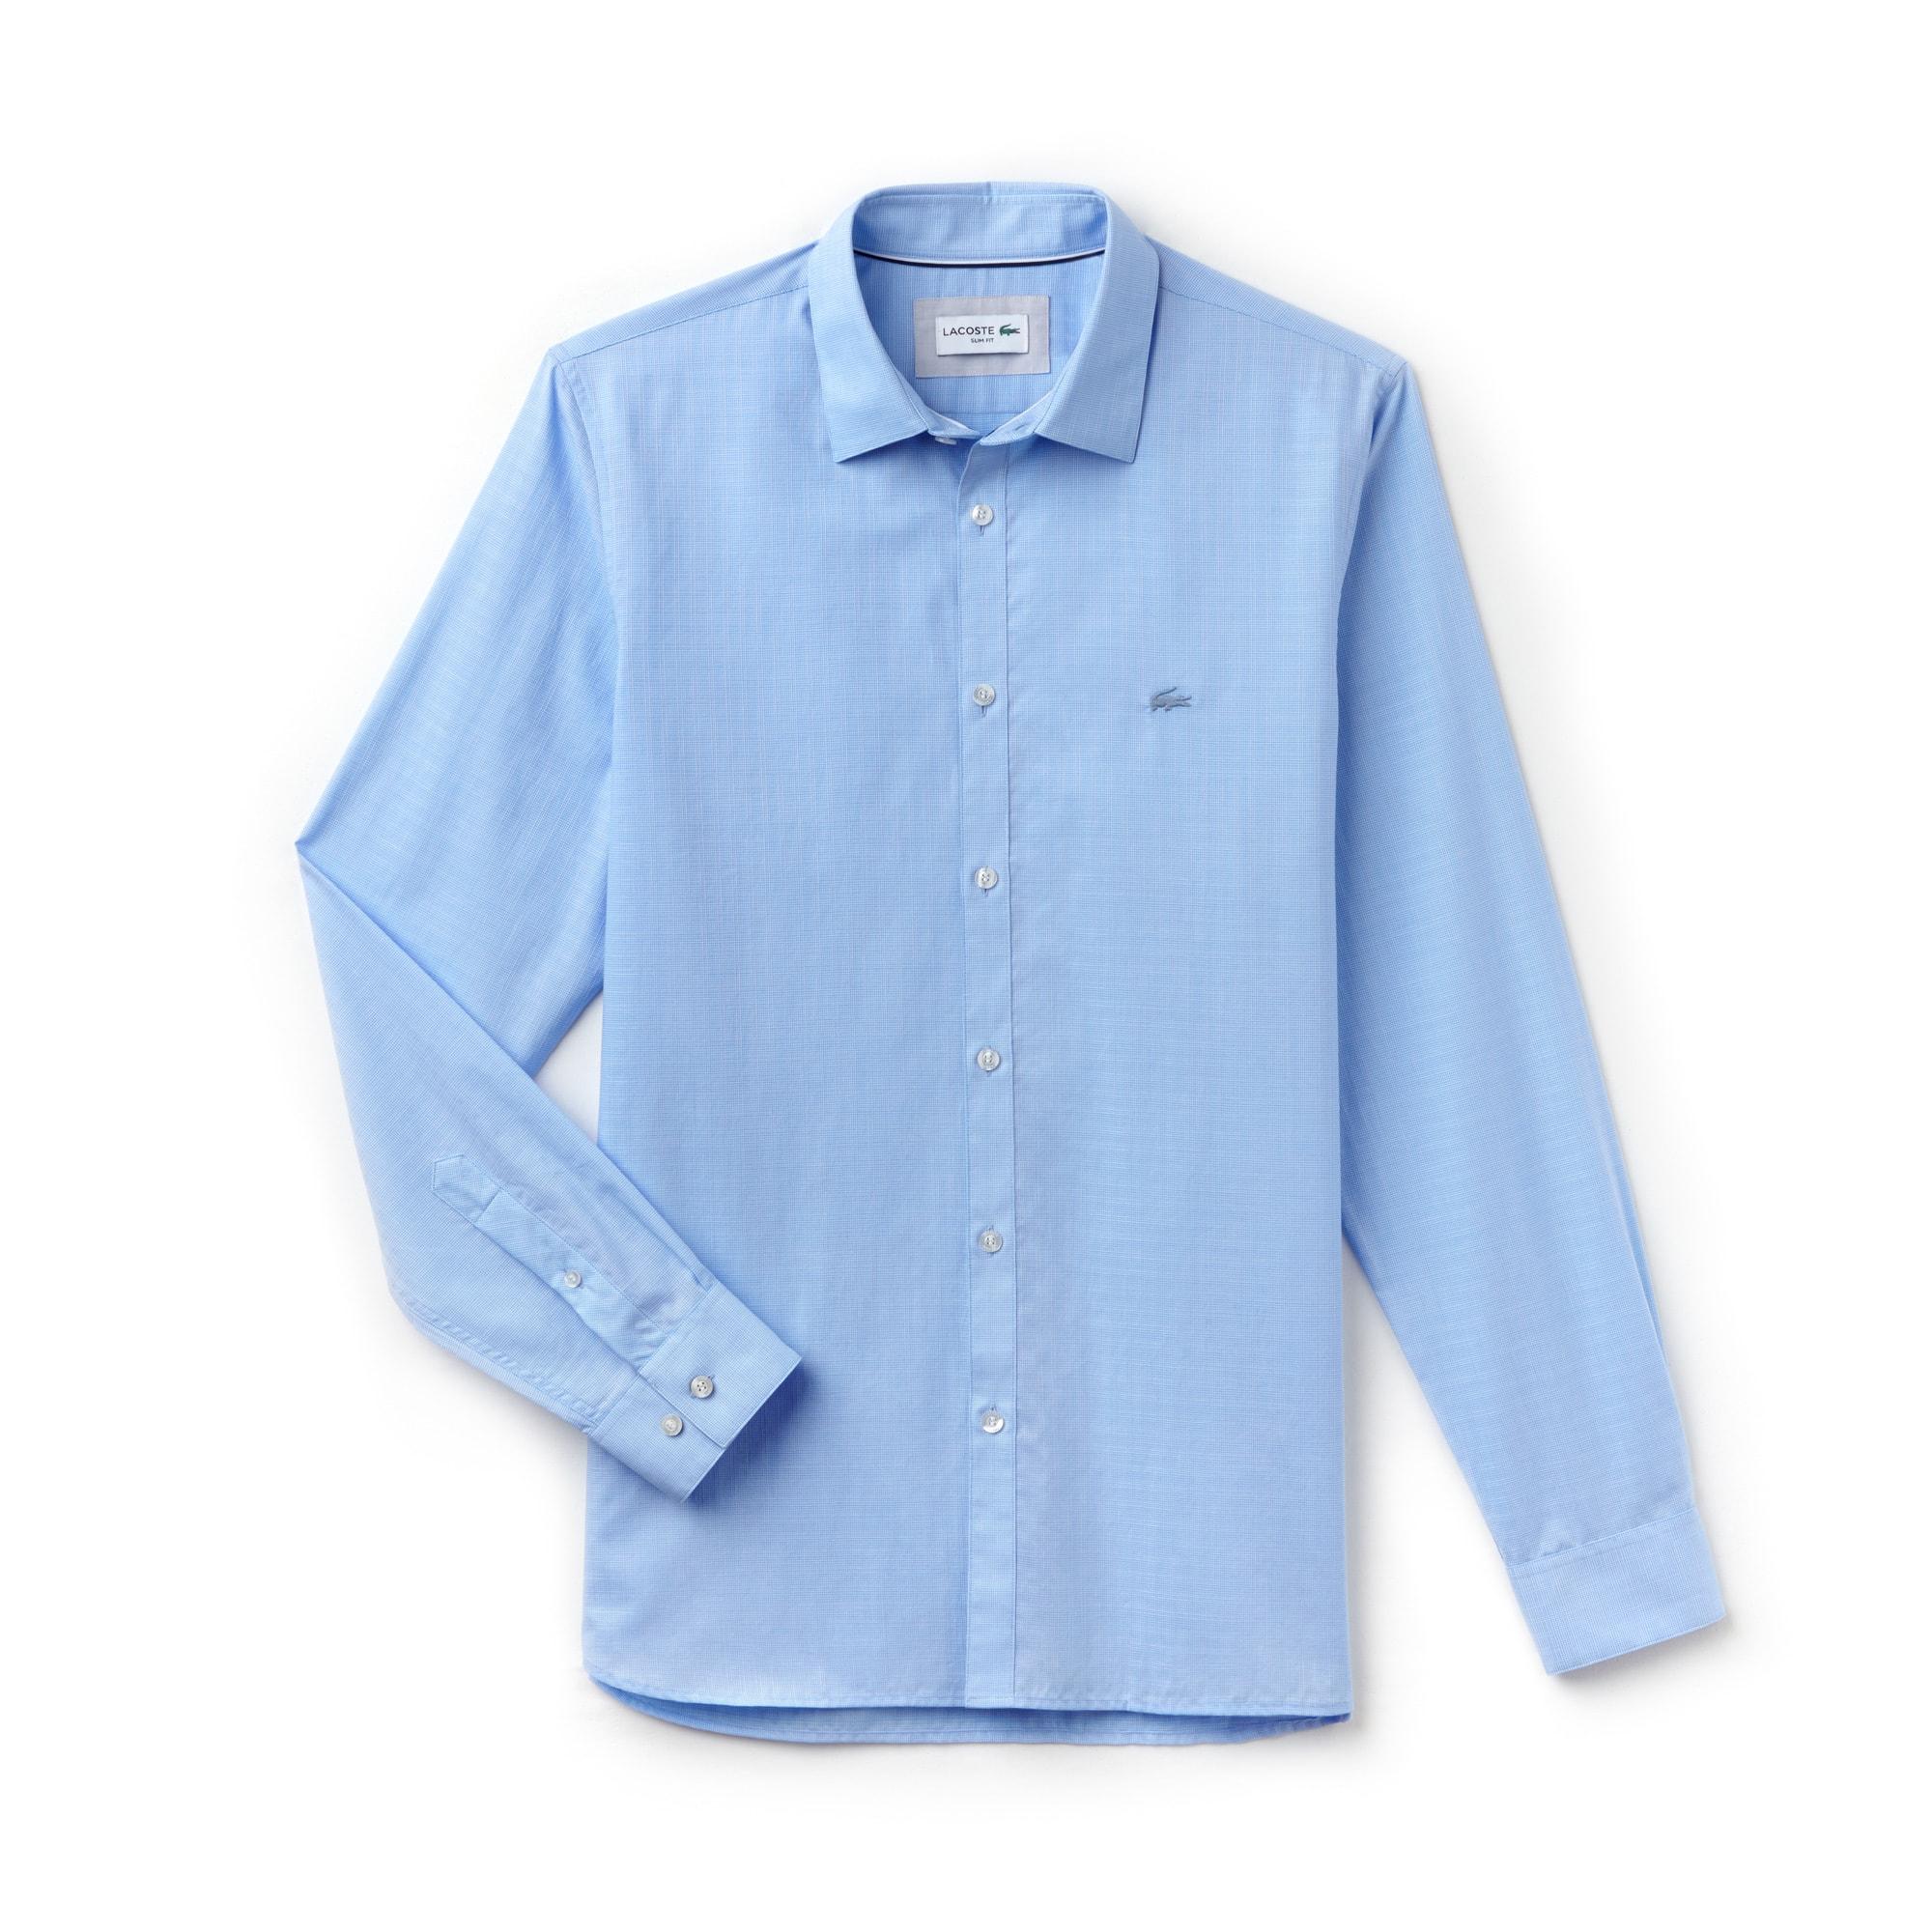 라코스테 Lacoste Mens Slim Fit Jacquard Cotton Poplin Shirt,Light Blue